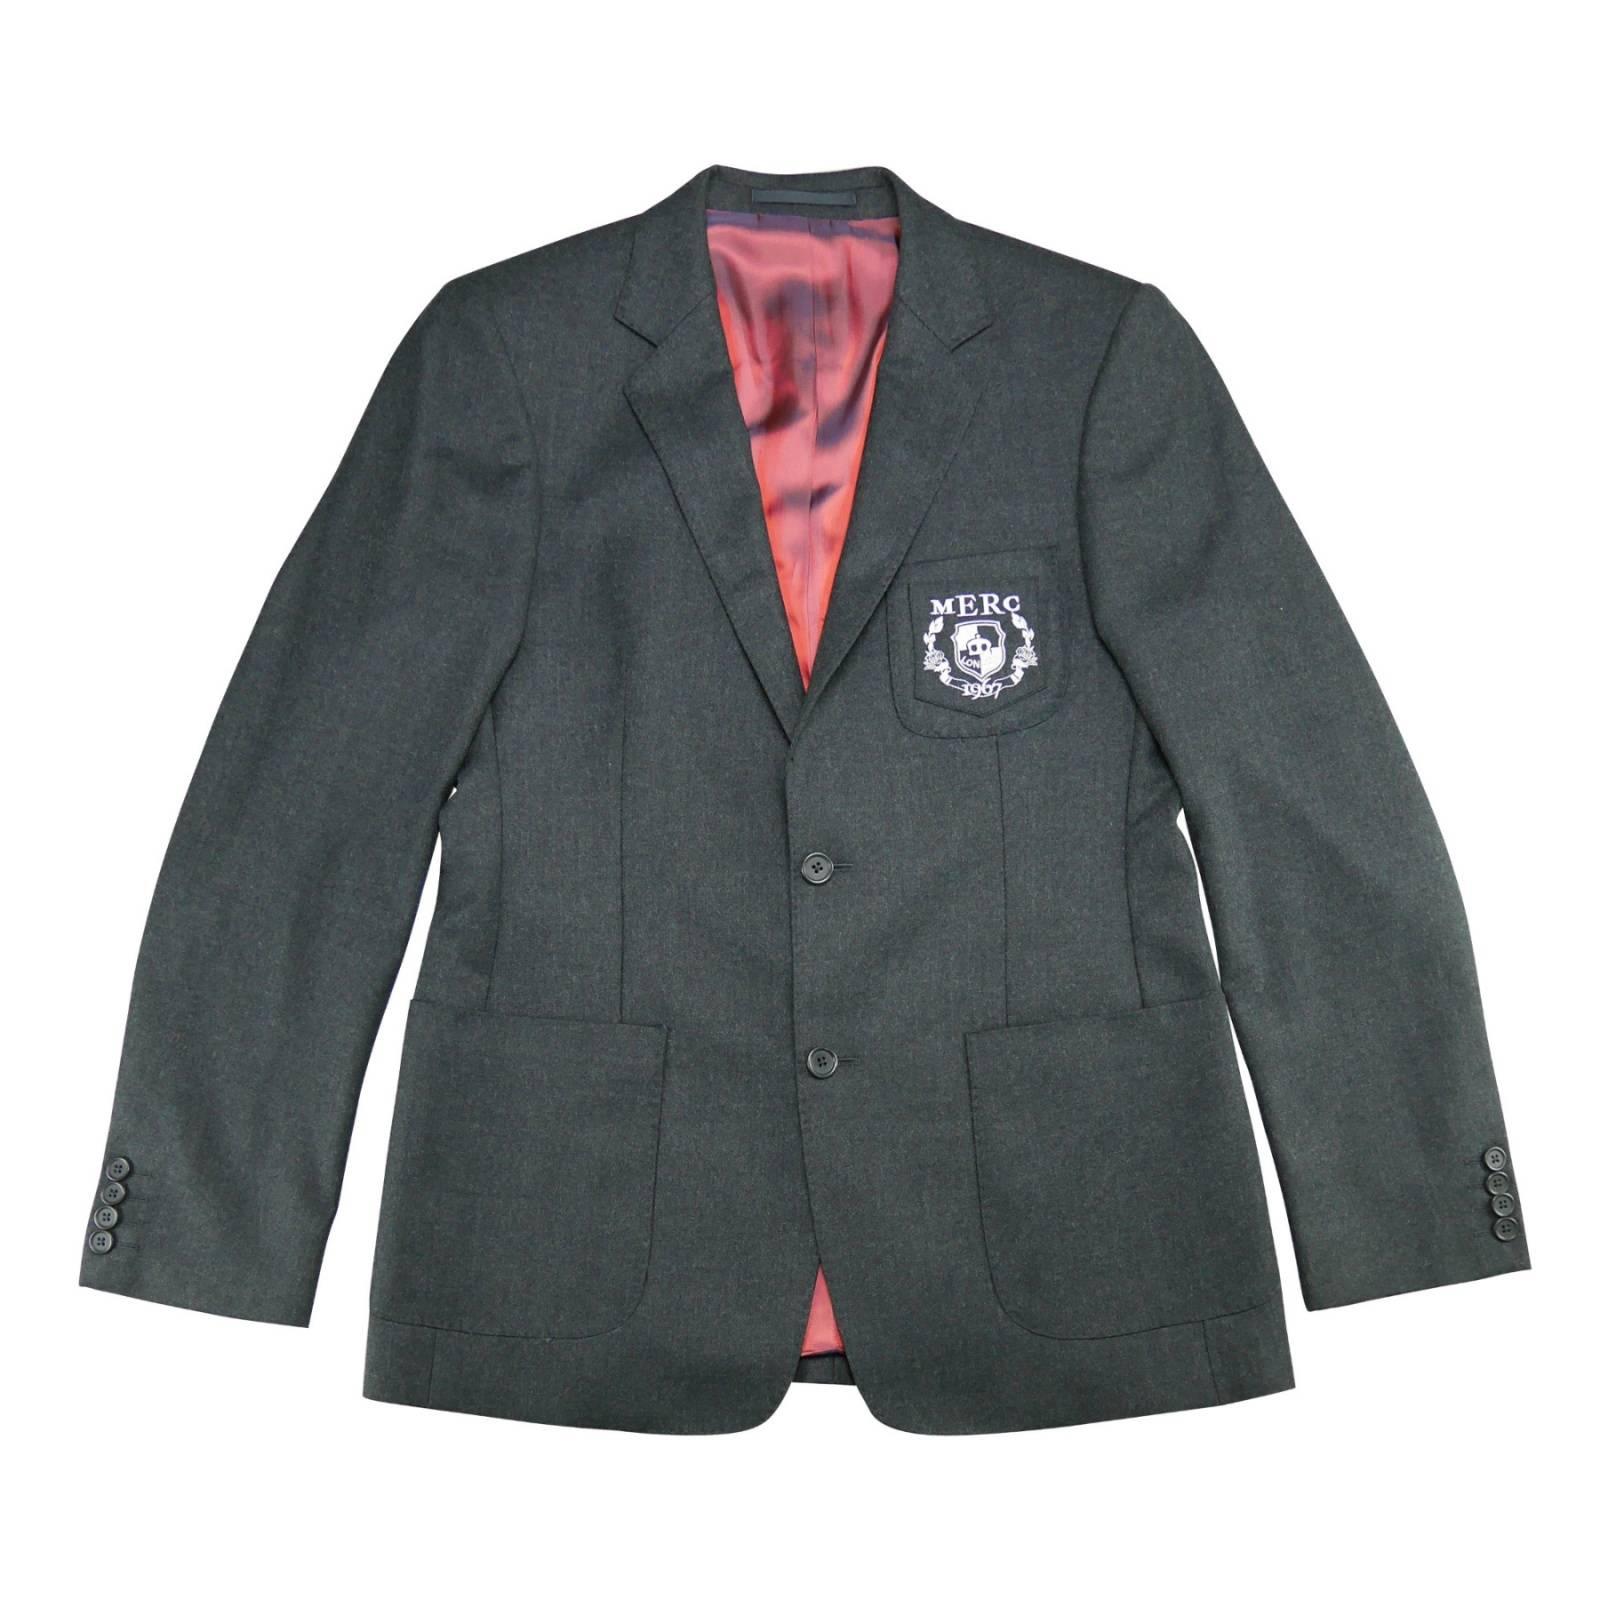 Пиджак TrevorВерхняя одежда<br><br><br>Артикул: 1206203<br>Материал: 100% шерсть / Подкладка 50% вискоза, 50% ацетат<br>Цвет: темный серый<br>Пол: Мужской